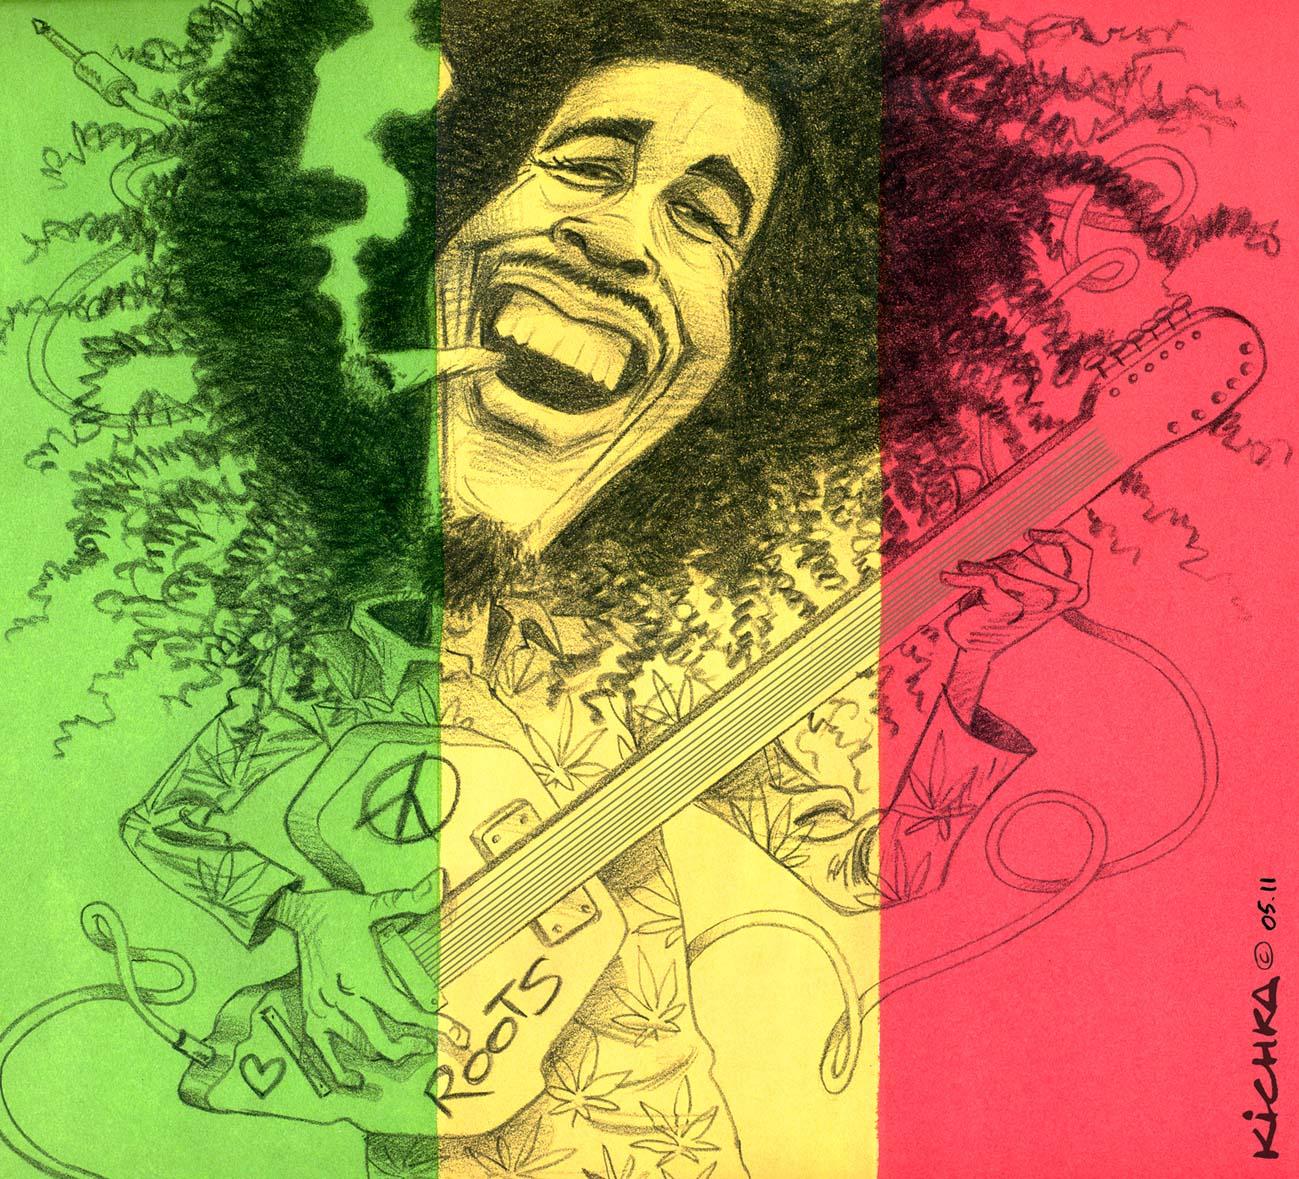 Bob Marley Died 30 Years Ago Michel Kichka